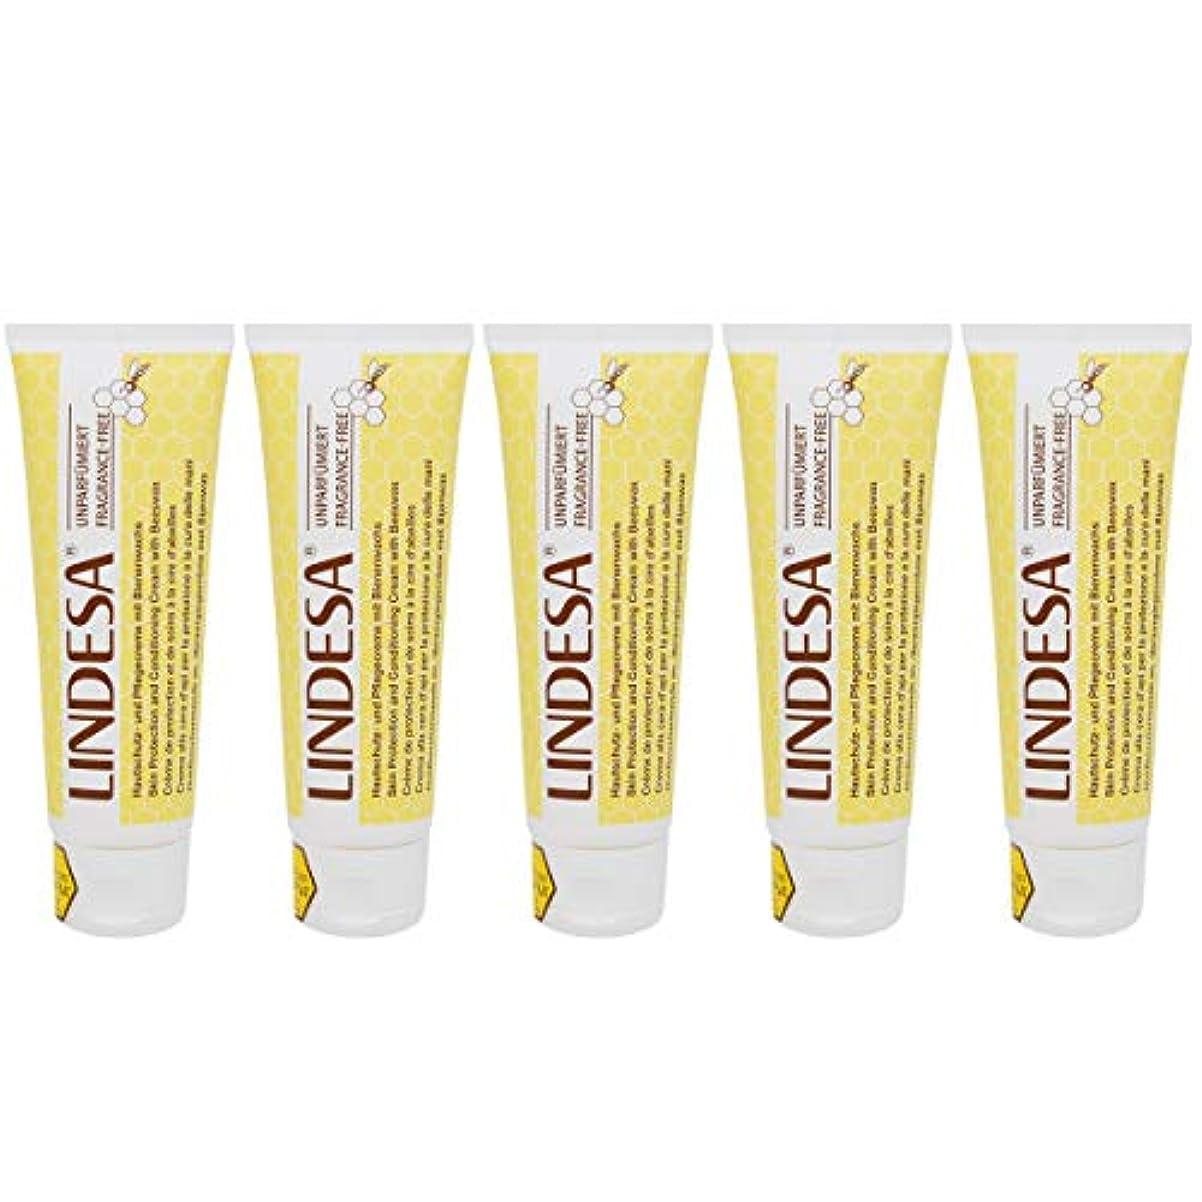 大脳円周同様にLINDESA リンデザ ハンド&スキンケアクリーム 無香料タイプ 75ml 日本国内正規品 5本セット